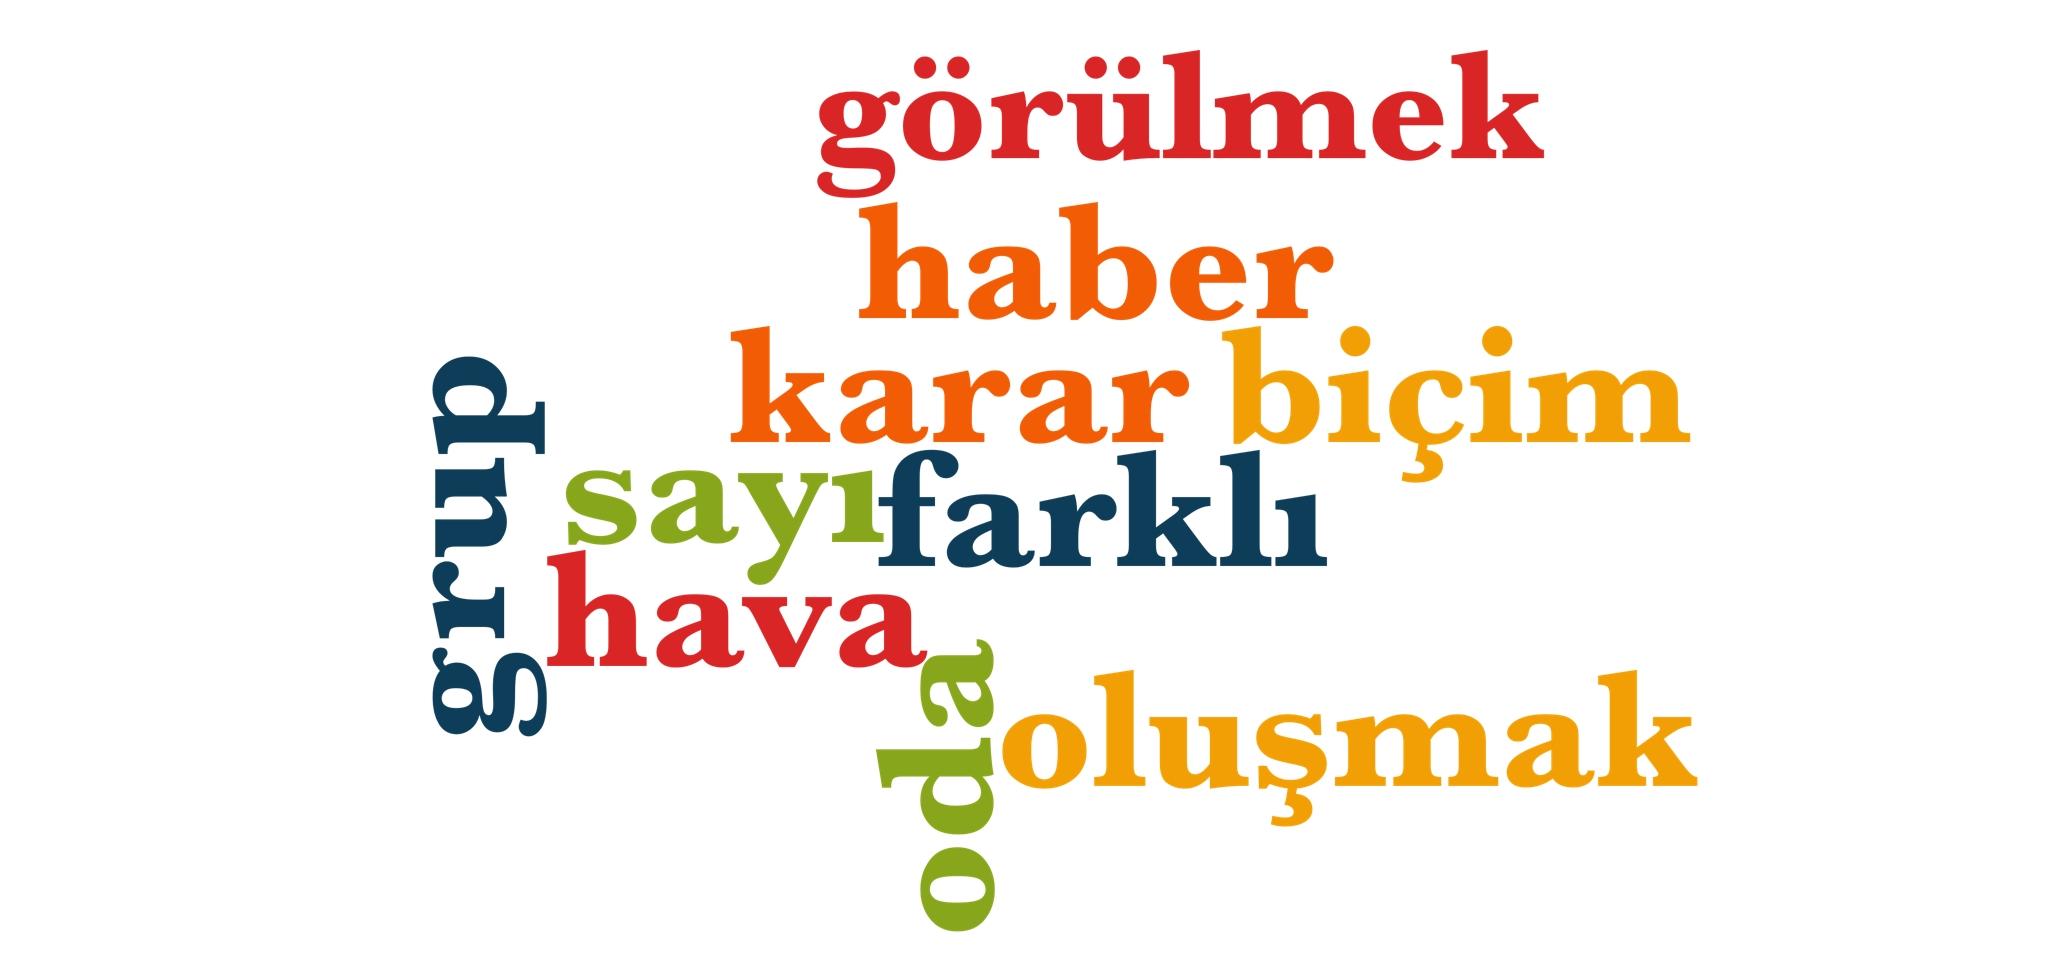 Wörter 241 bis 250 der 1000 häufigsten Wörter der türkischen Sprache